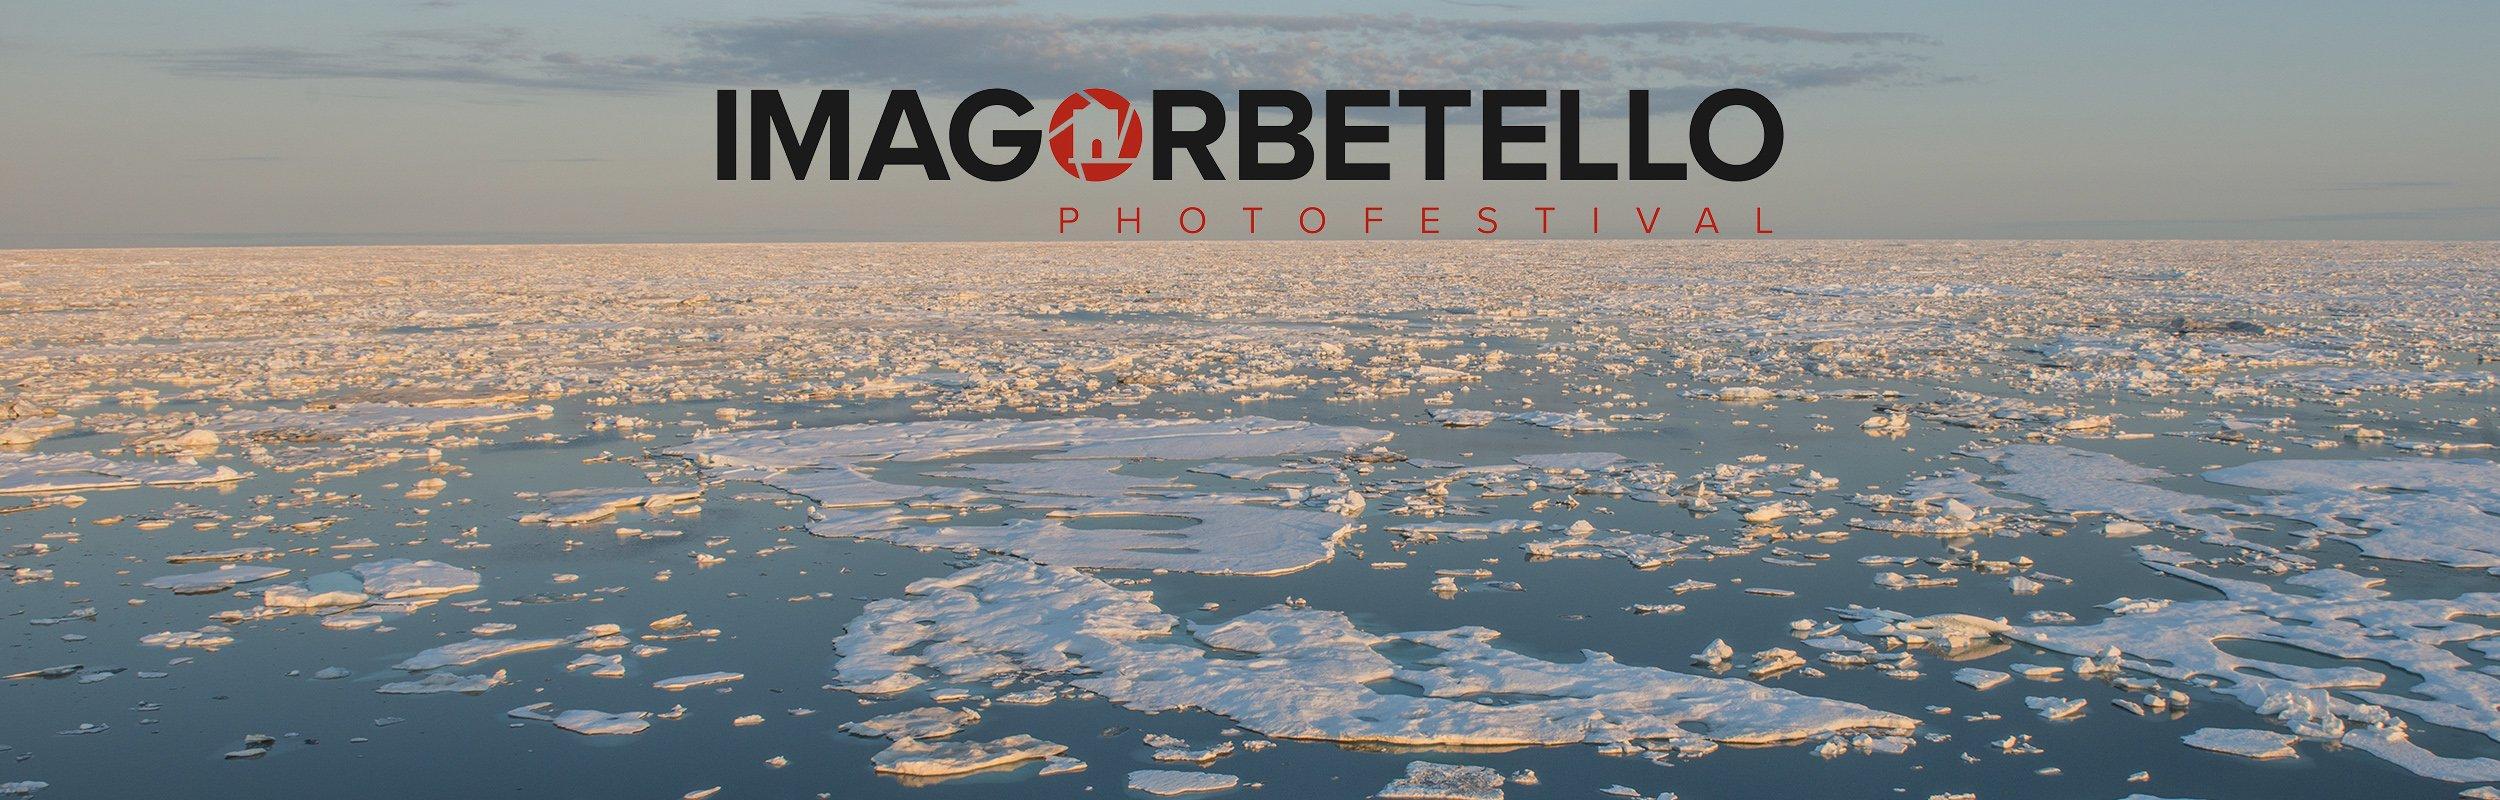 ImagOrbetello 2019 apre all'insegna del cambiamento climatico